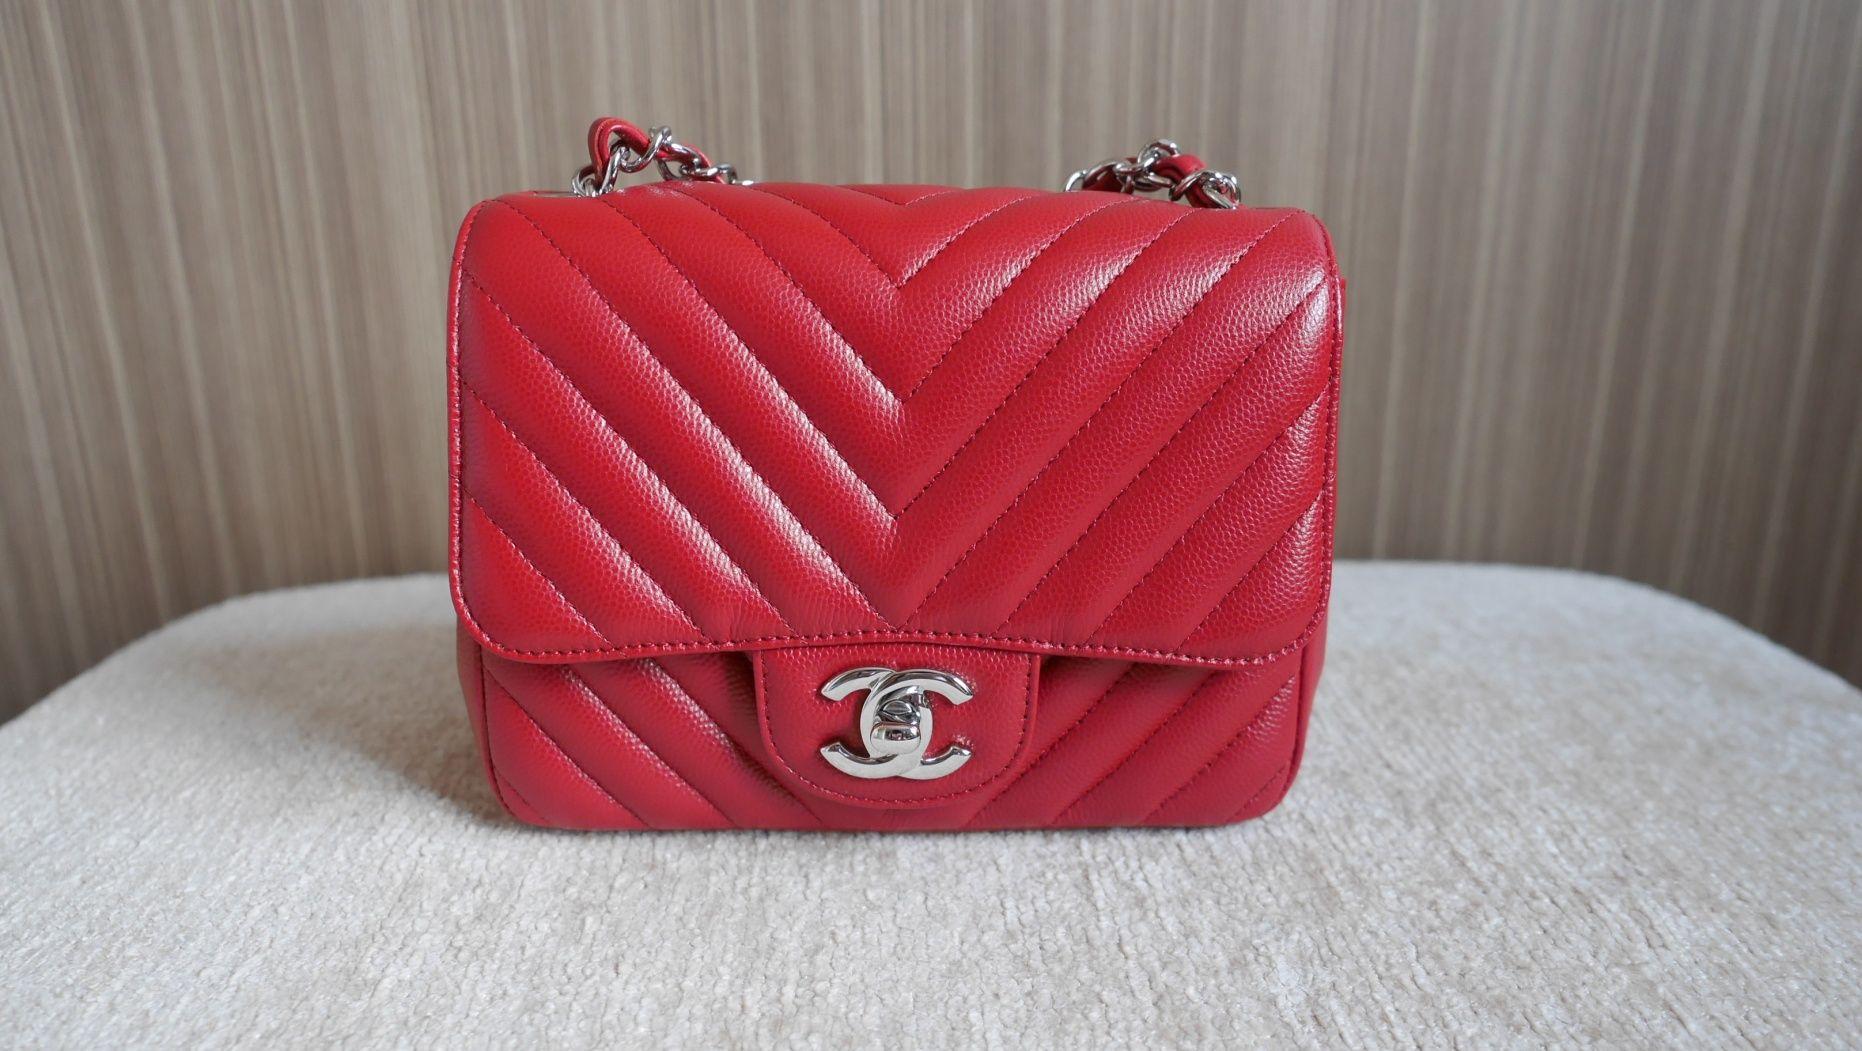 0a713fe34f2c Chanel Mini Square in Chevron Caviar with Silver Hardware | Bags and ...